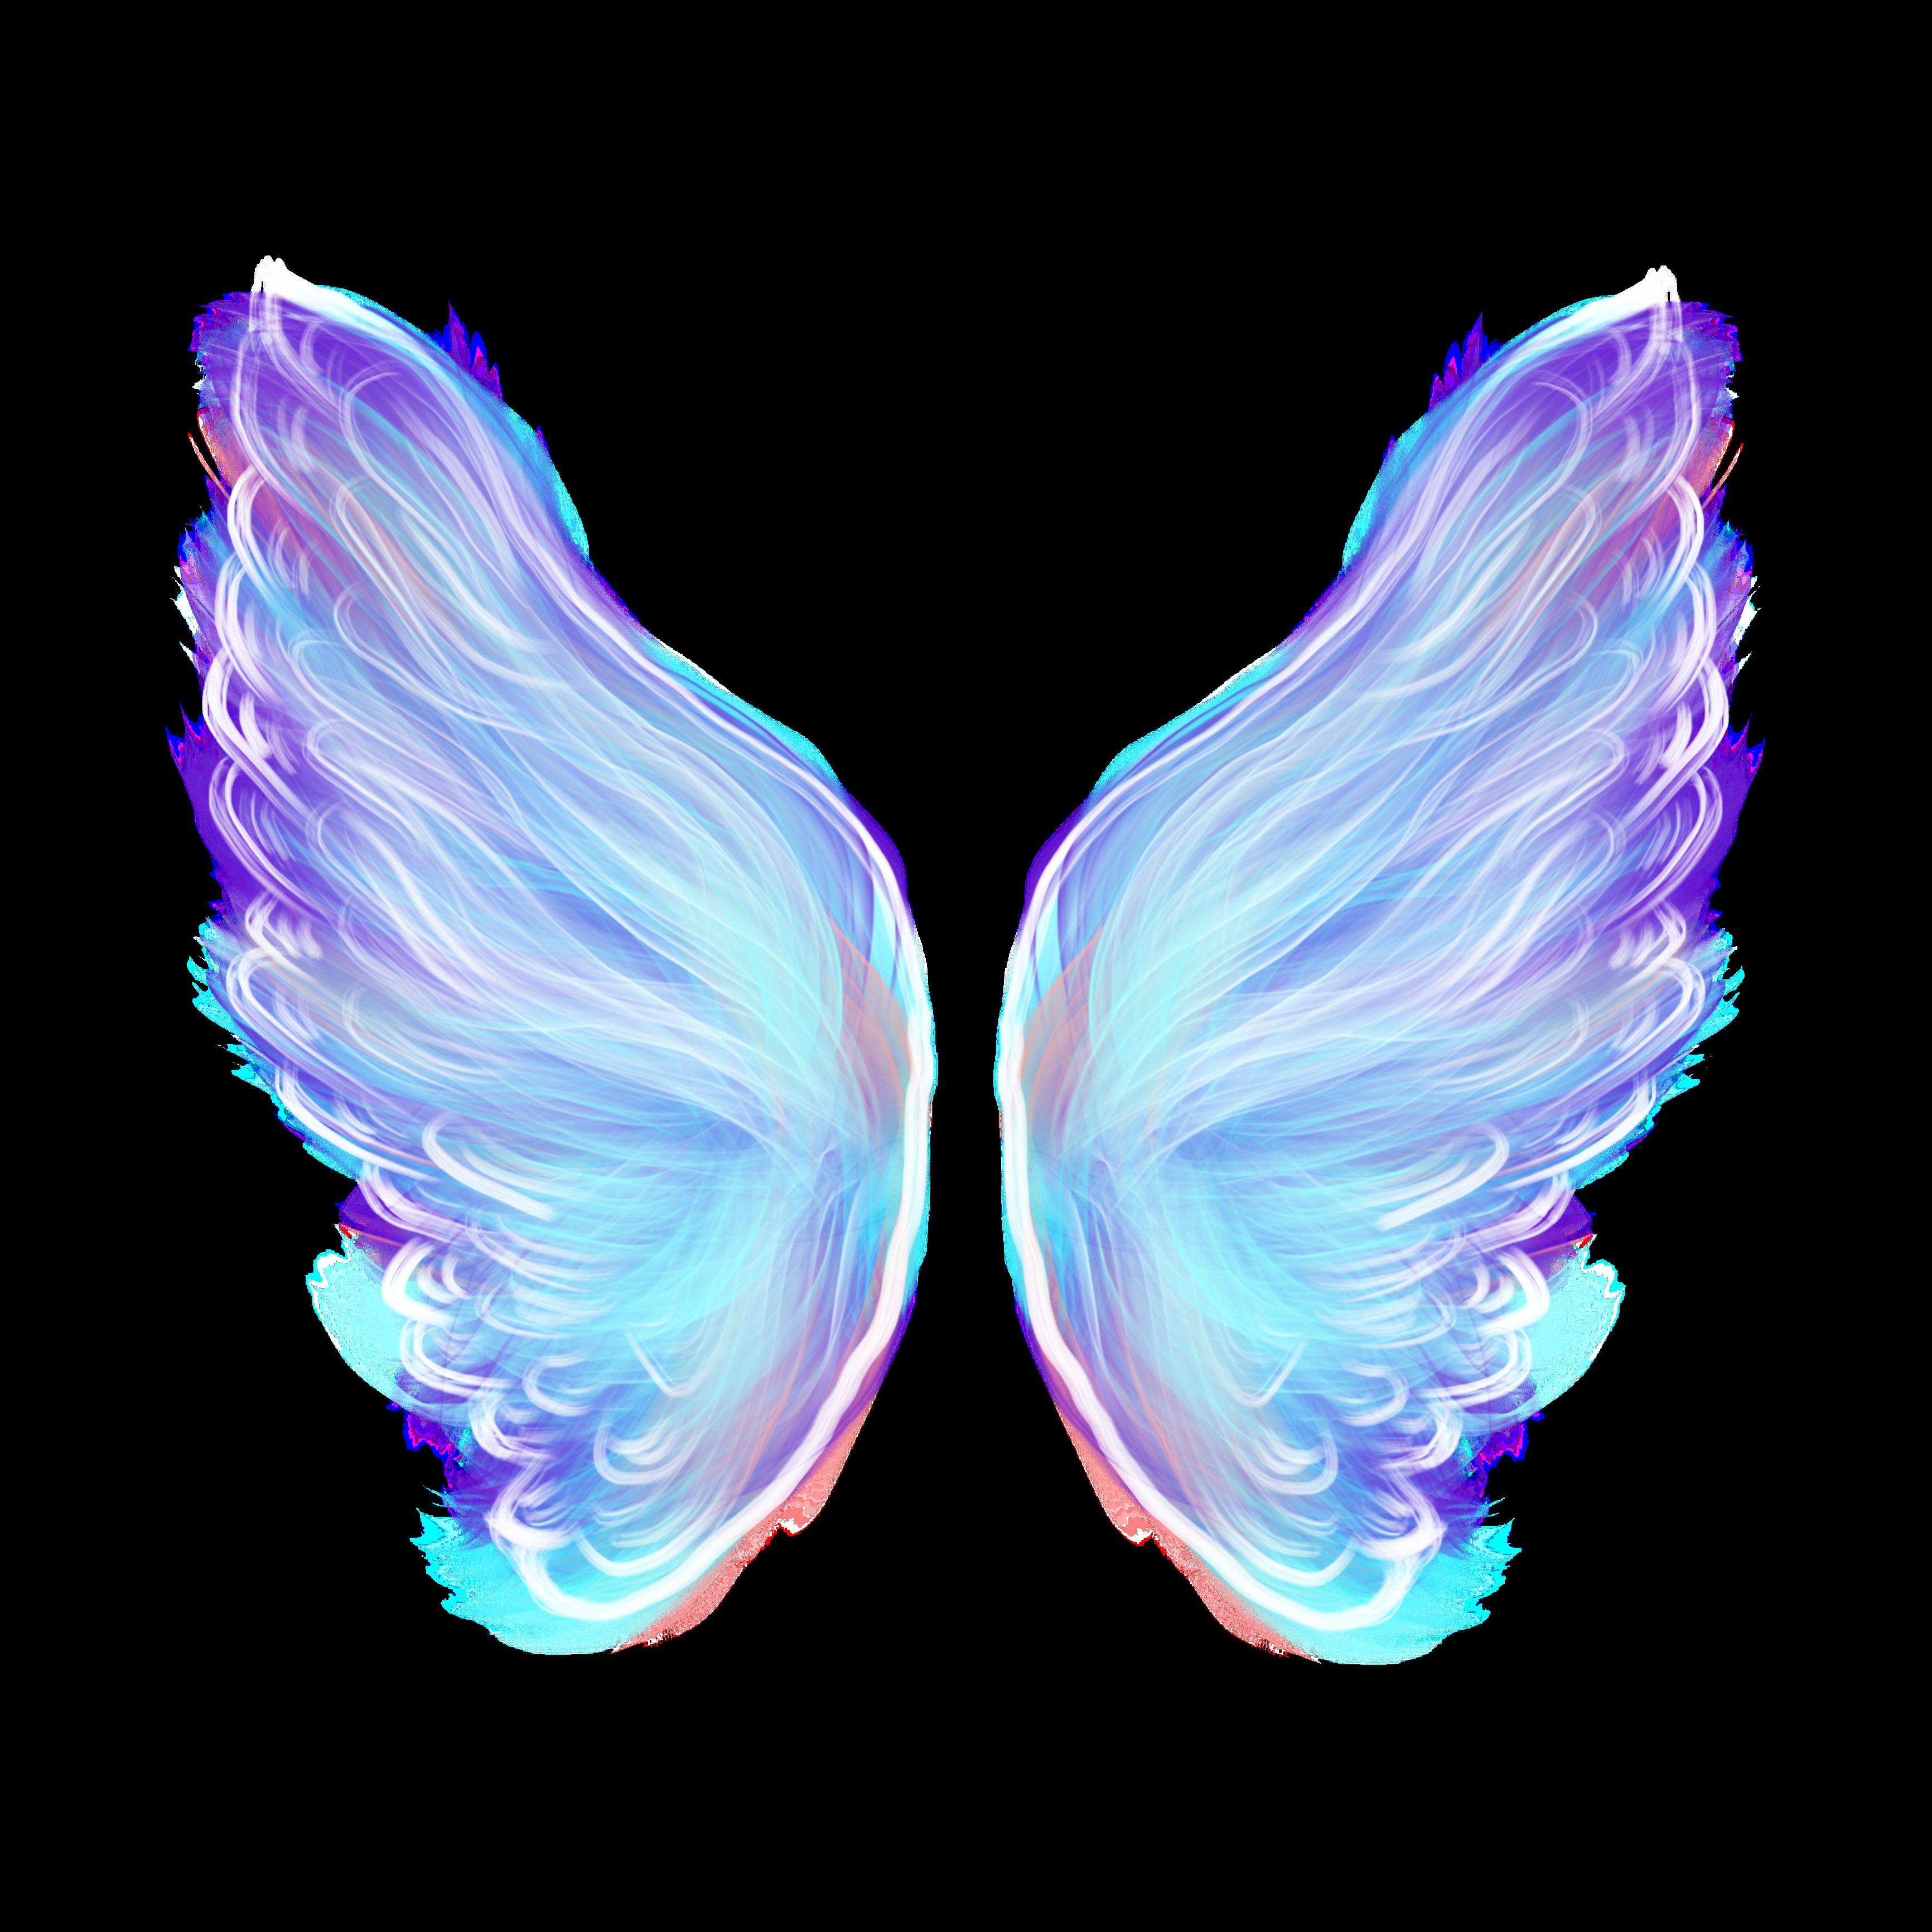 Freetoedit Sticker Wings Butterfly Butterflyeffect Wings Galaxy Fairy Fairywings Art Aesthetic A Angel Wings Drawing Angel Wings Art Angel Wings Png